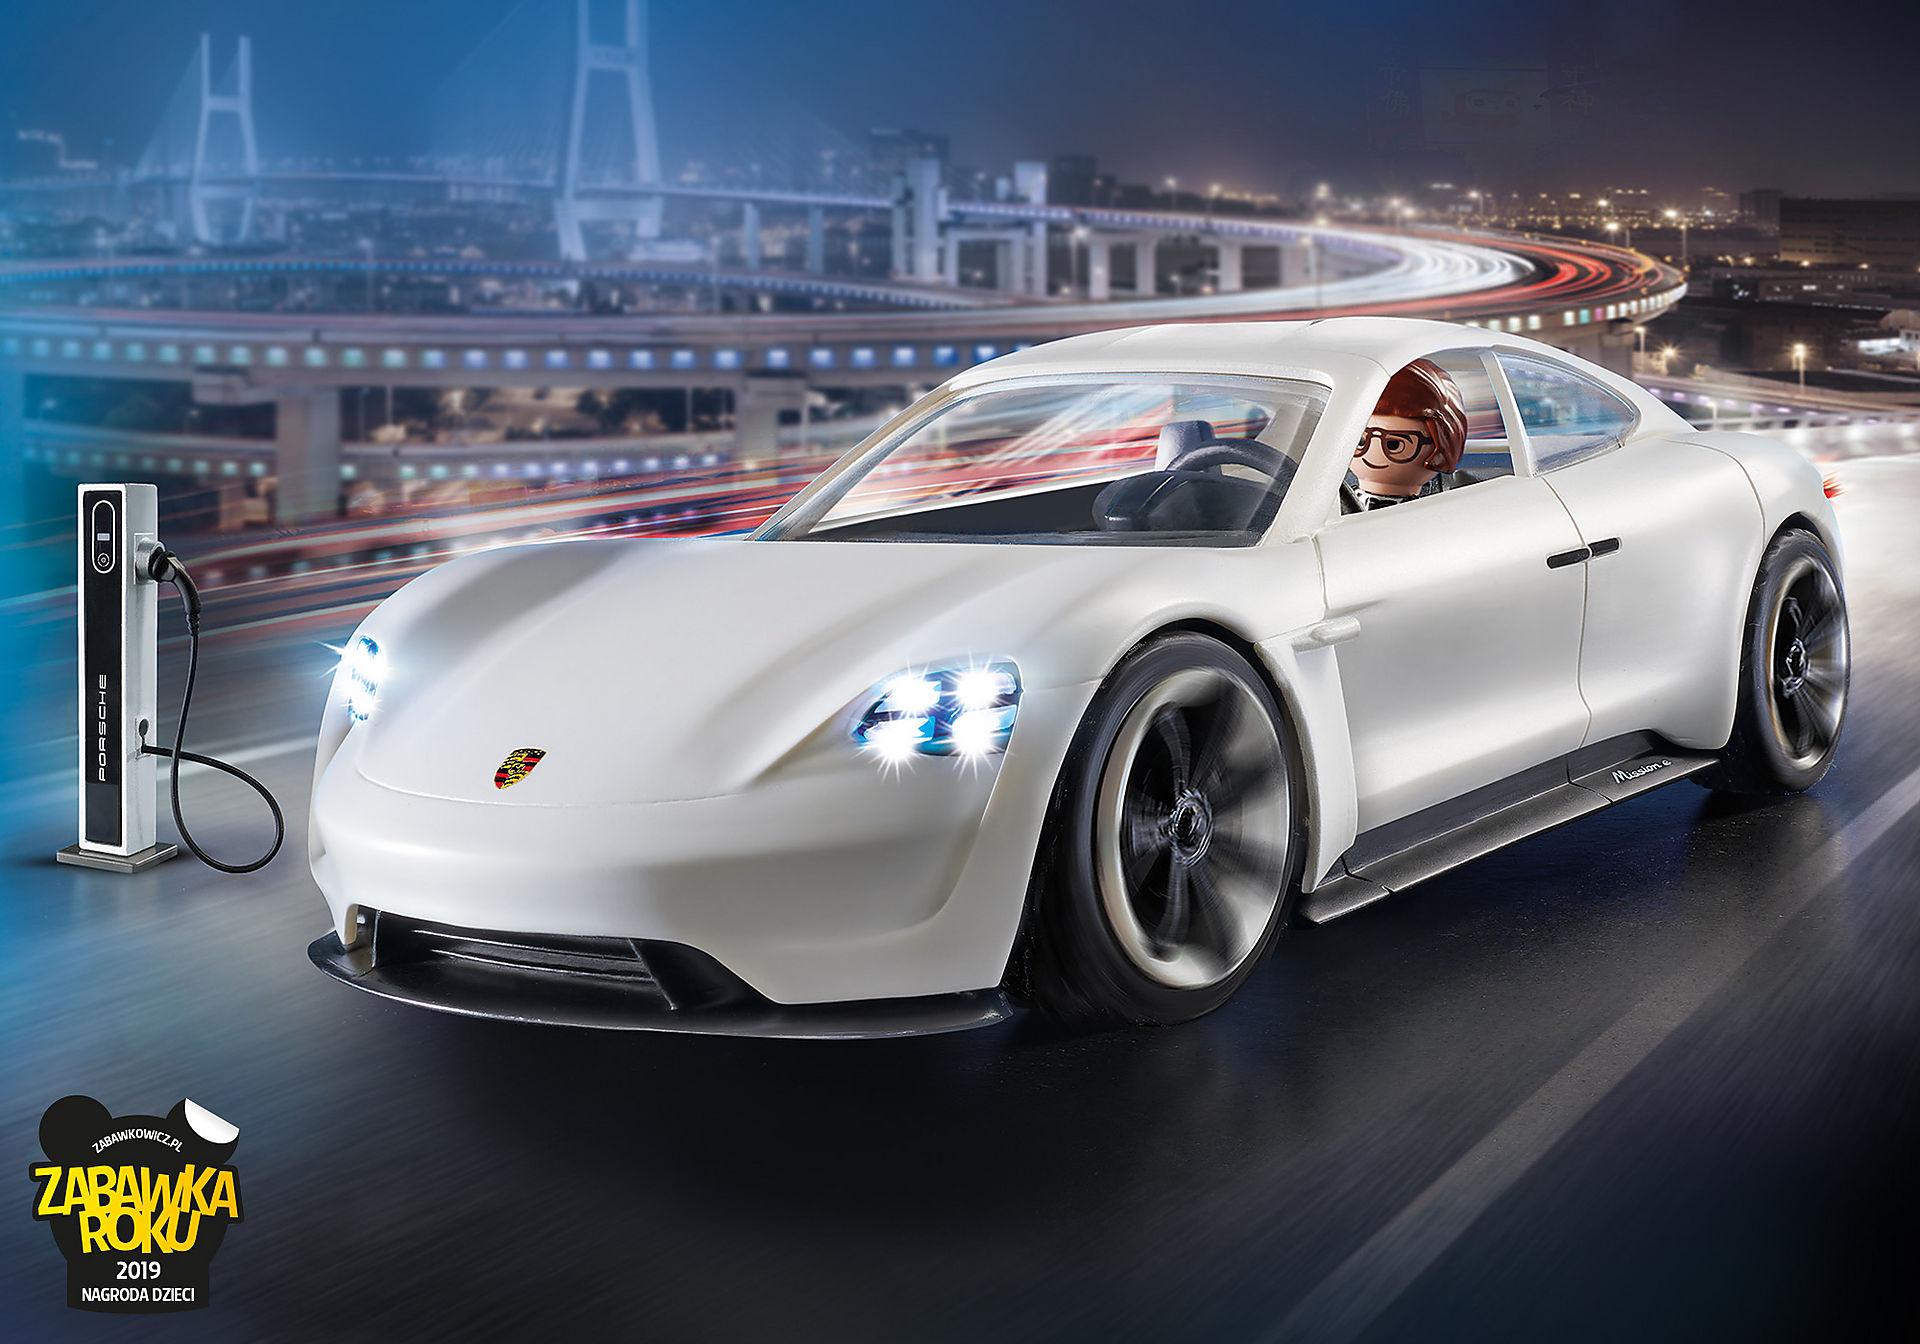 http://media.playmobil.com/i/playmobil/70078_product_detail/PLAYMOBIL: THE MOVIE Porsche Mission E Rex'a Desher'a